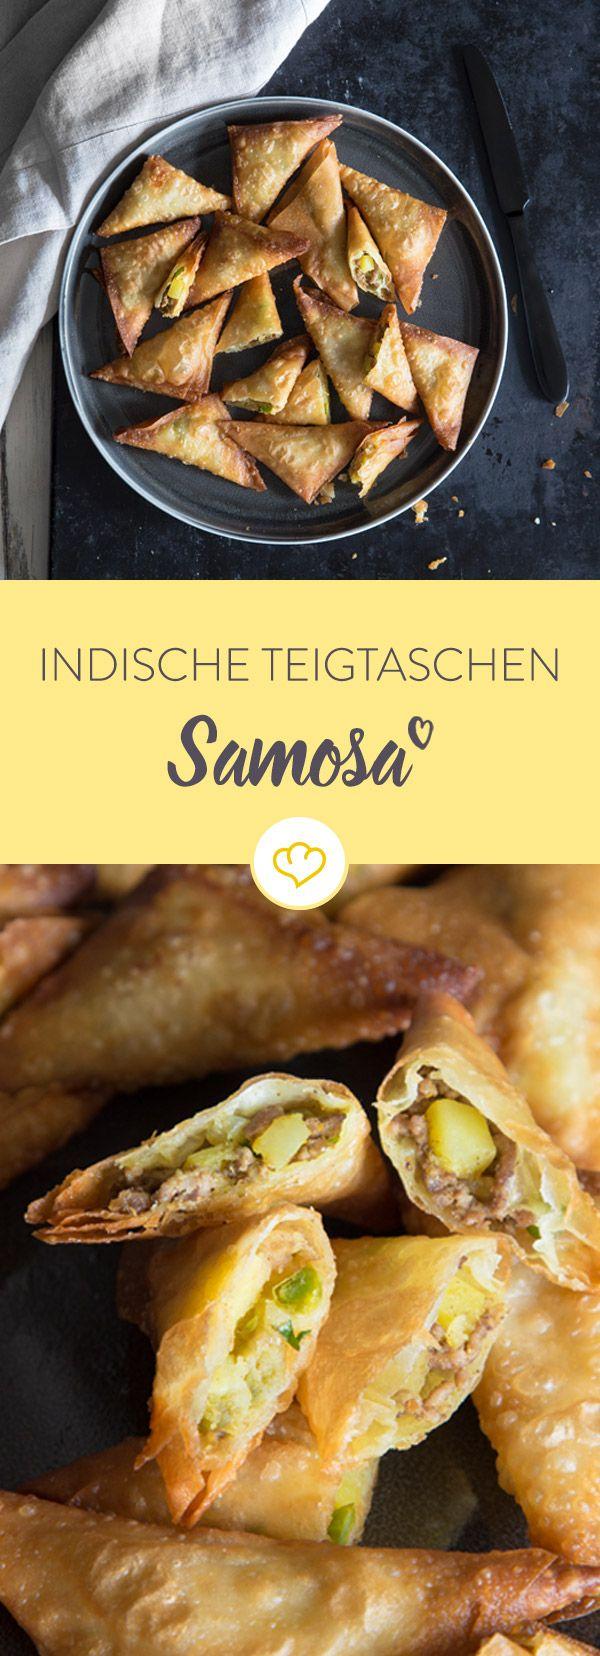 Samosa – der indische Klassiker mit 2 leckeren Füllungen